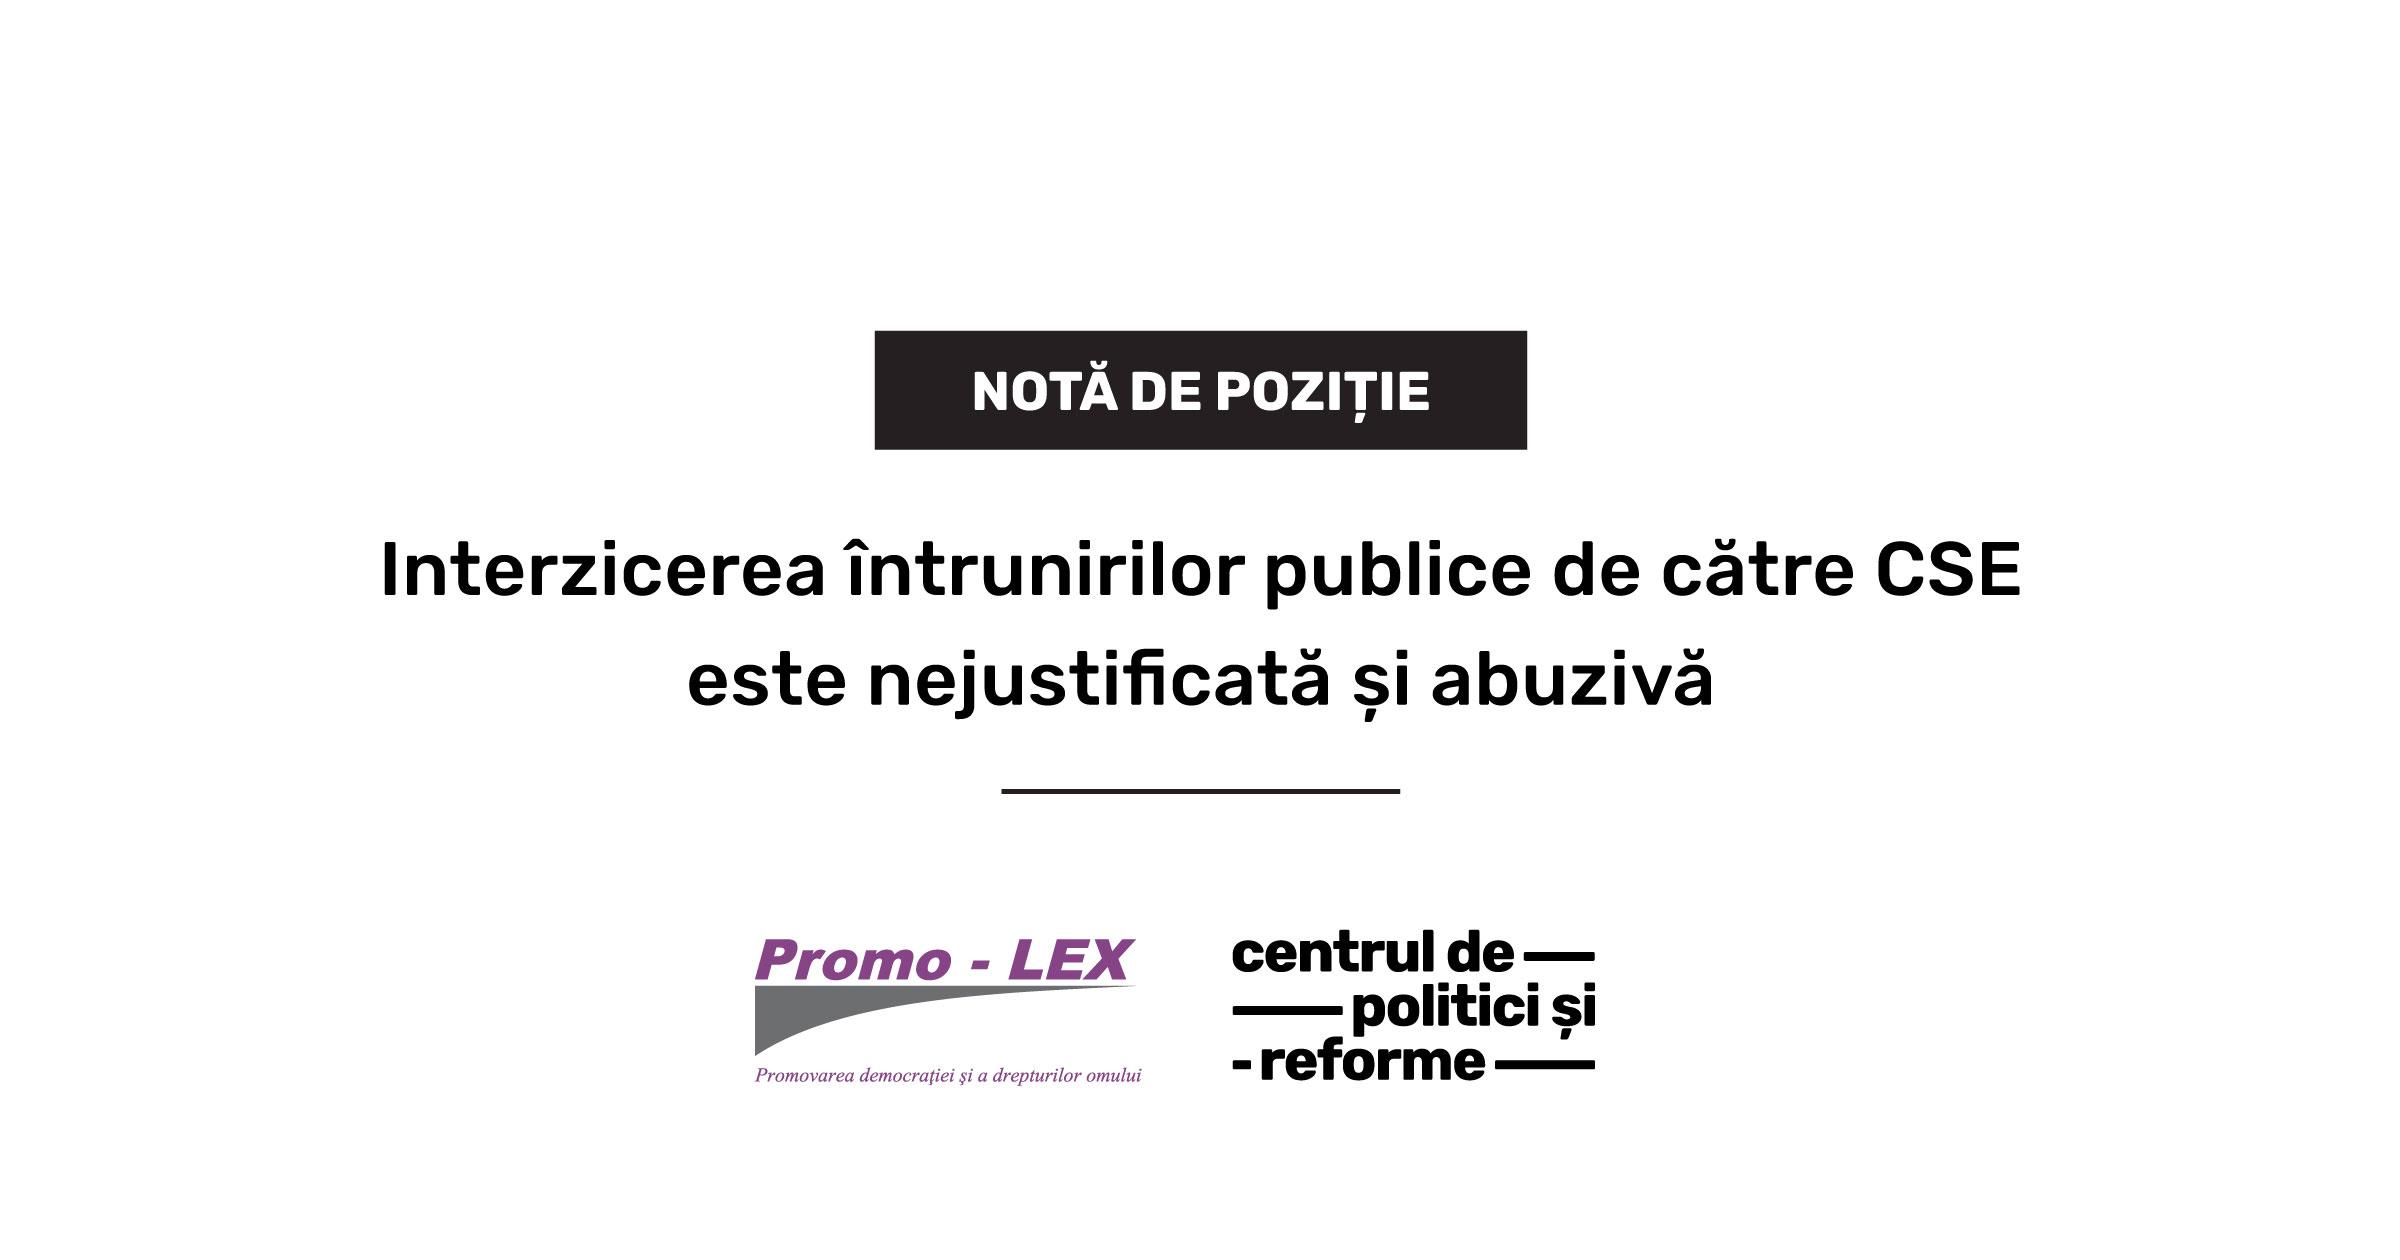 Notă de poziție: Interzicerea întrunirilor publice de către Comisia pentru situații excepționale este nejustificată și abuzivă